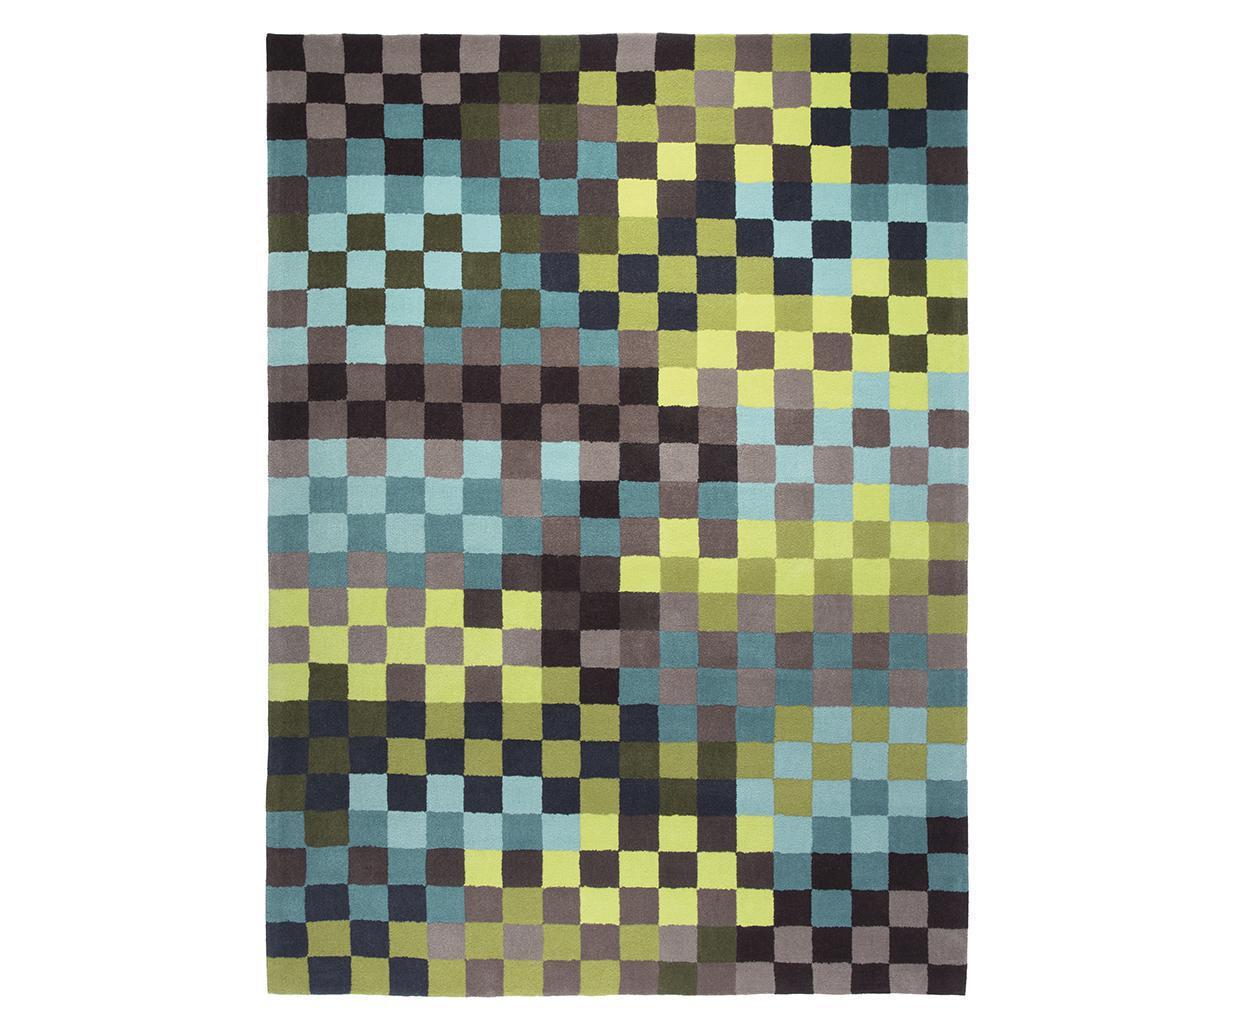 Esprit Teppich Pixel grün  Esprit World Culture im